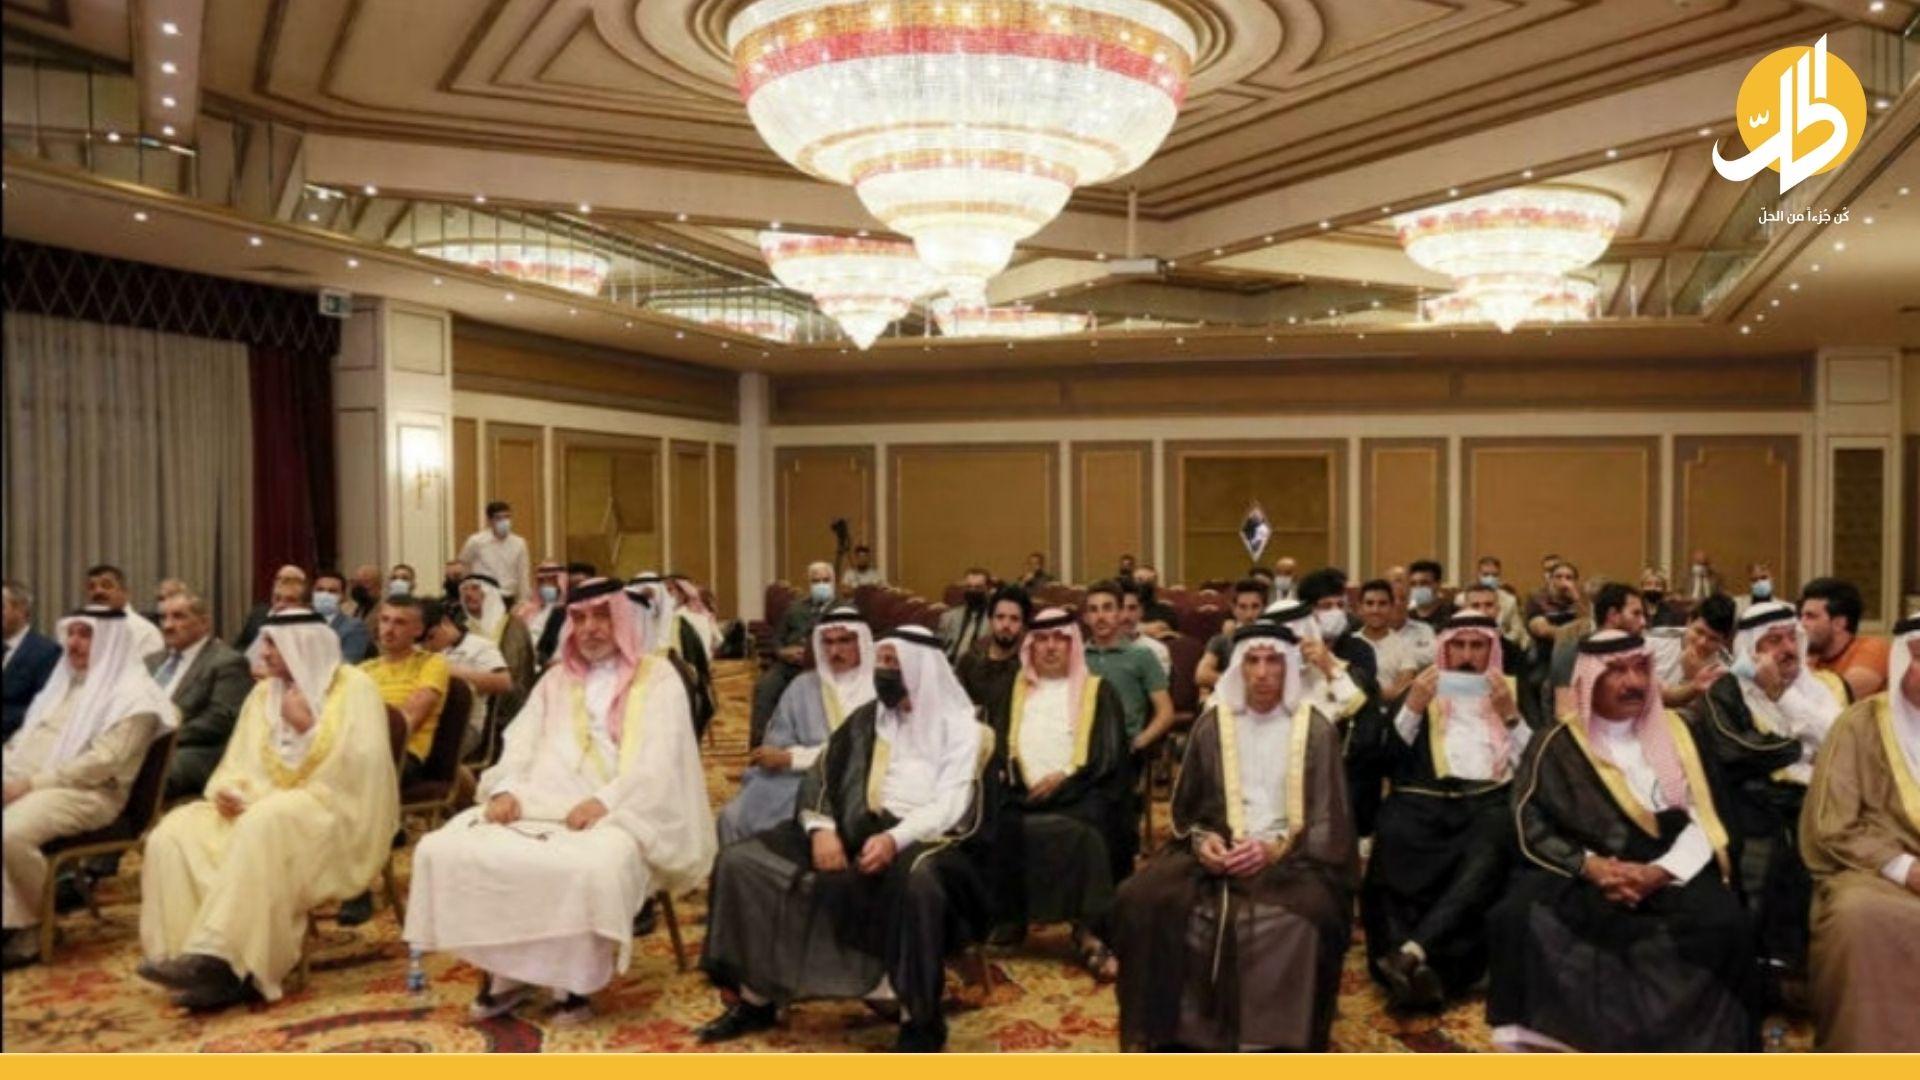 """مؤتمر التطبيع.. """"الصدر"""" يهدّد باتخاذ إجراءت صارمة ضد """"المطبّعين والمقصّرين"""""""